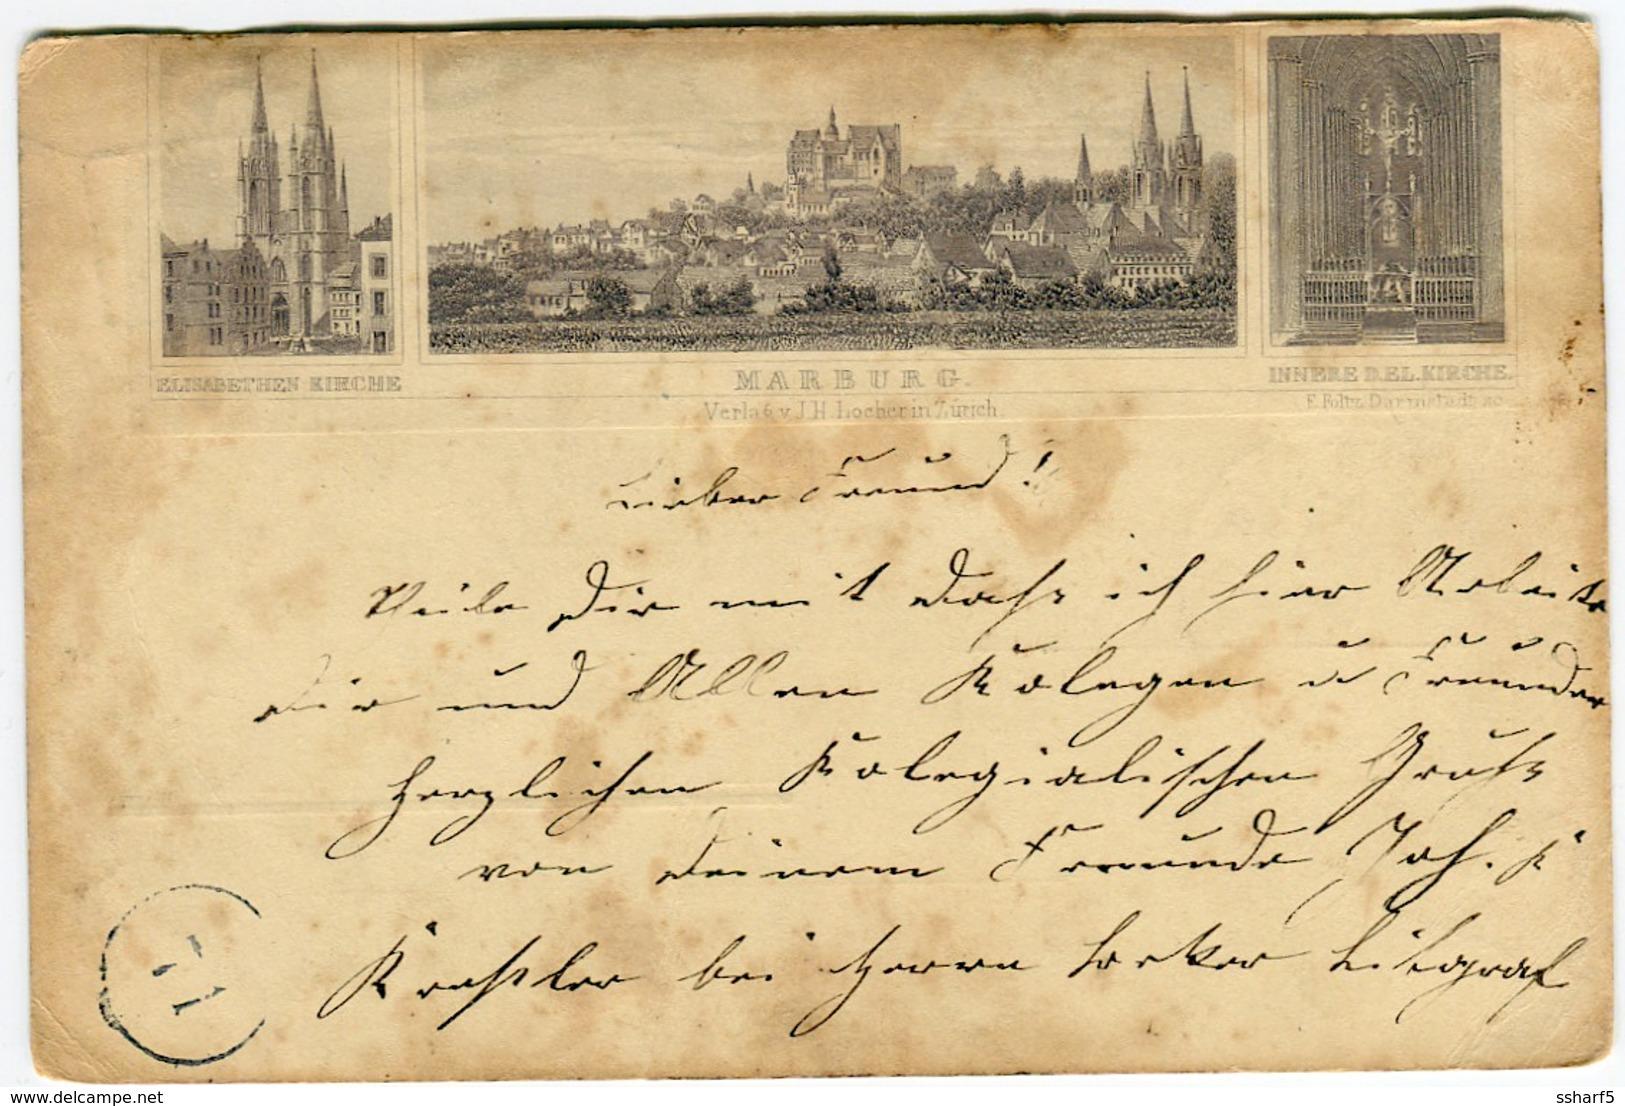 1886 Vorläufer MARBURG Mehrbildkarte Pioneer Postcard Very Early! - Marburg